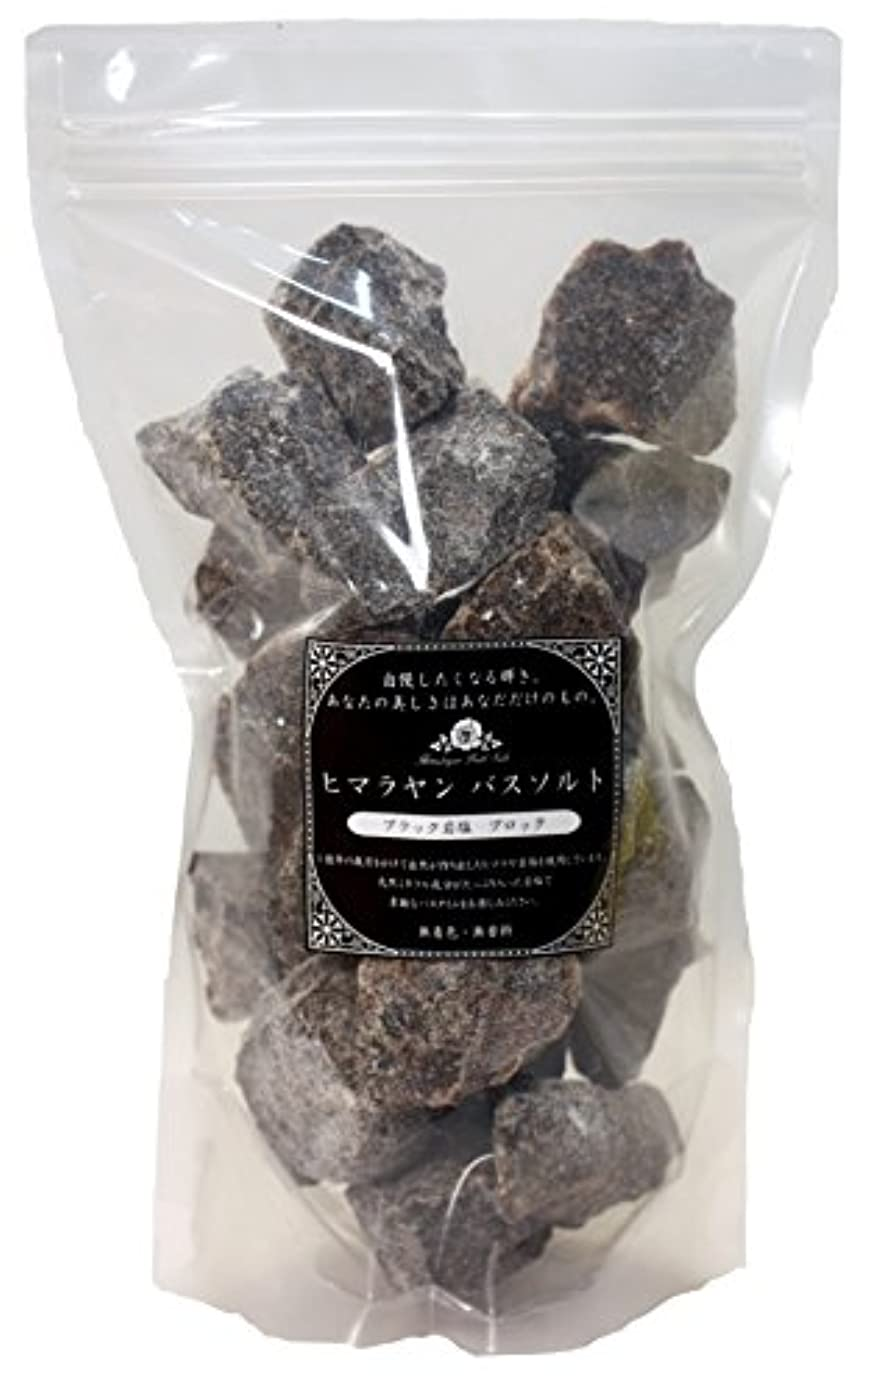 悪意のある硫黄さらにヒマラヤンバスソルト 岩塩ブラック ブロック 1.2㎏